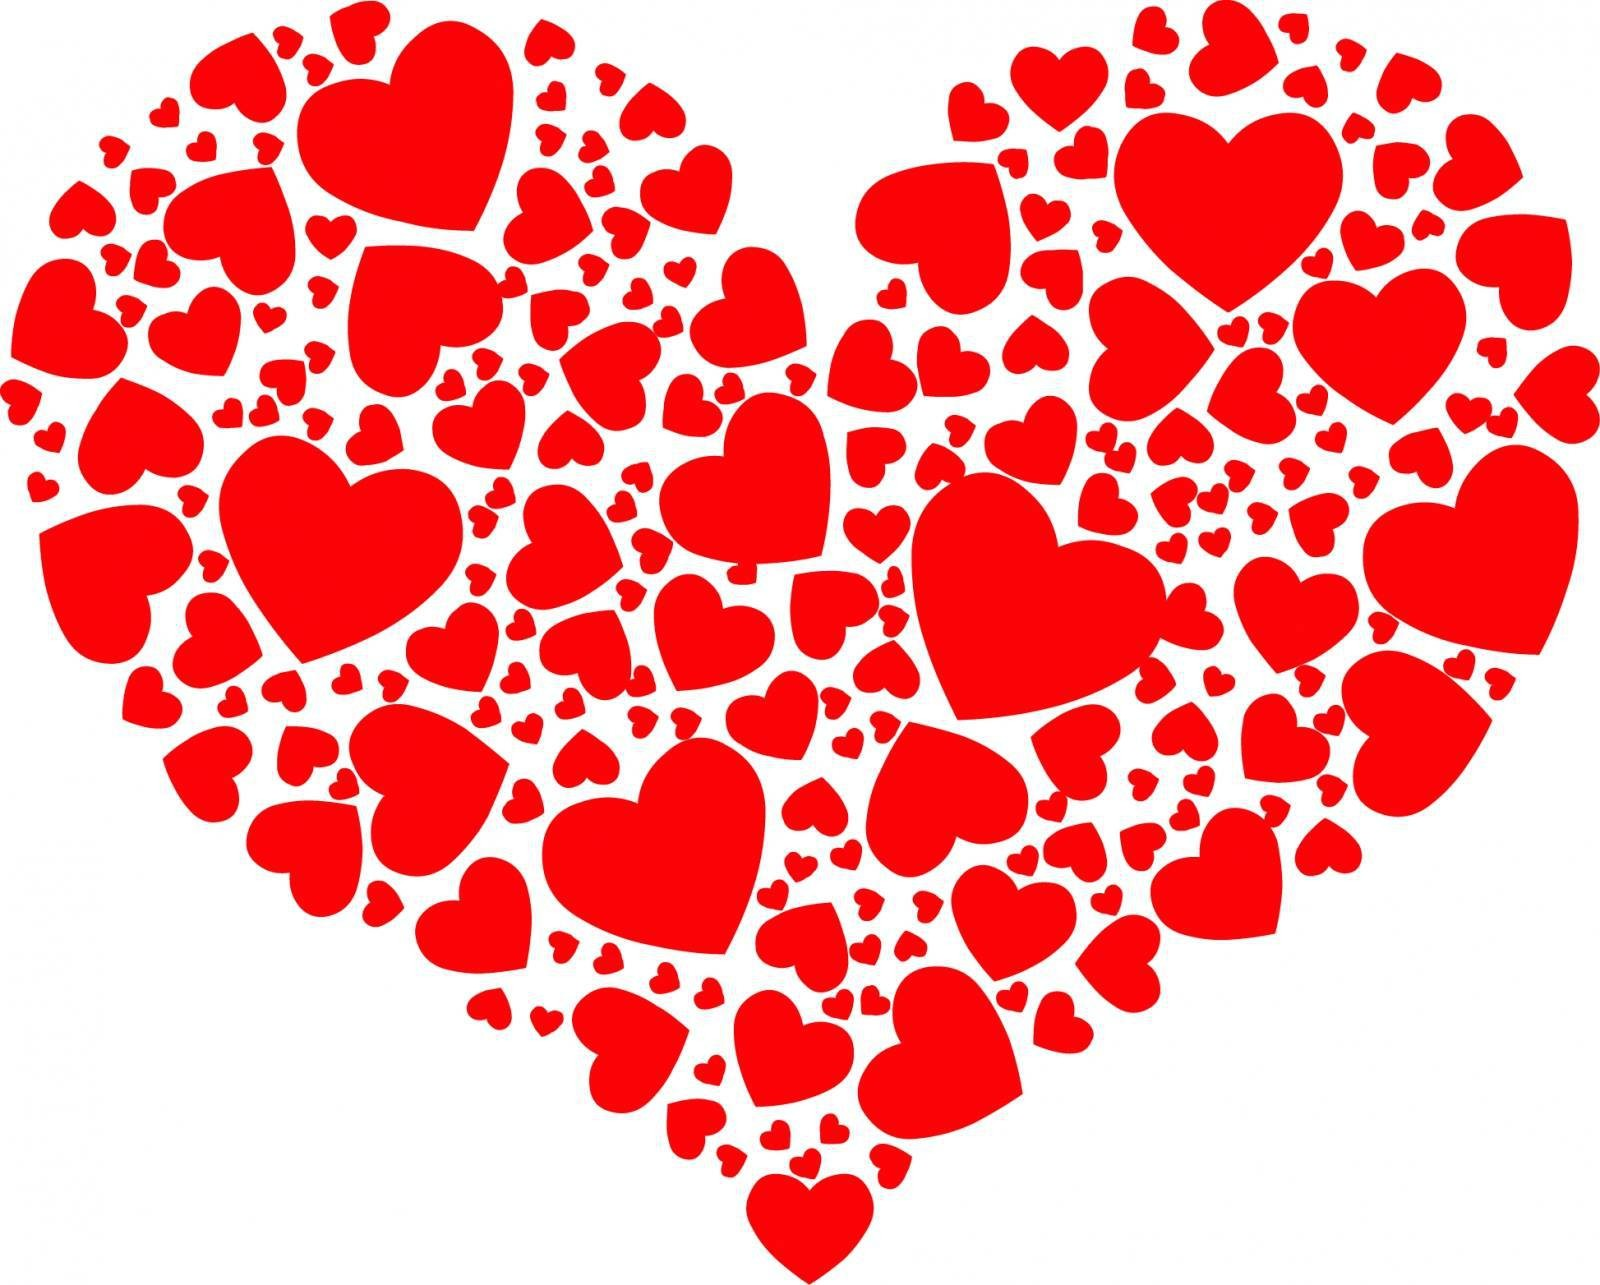 imagen de corazon - HD1600×1285